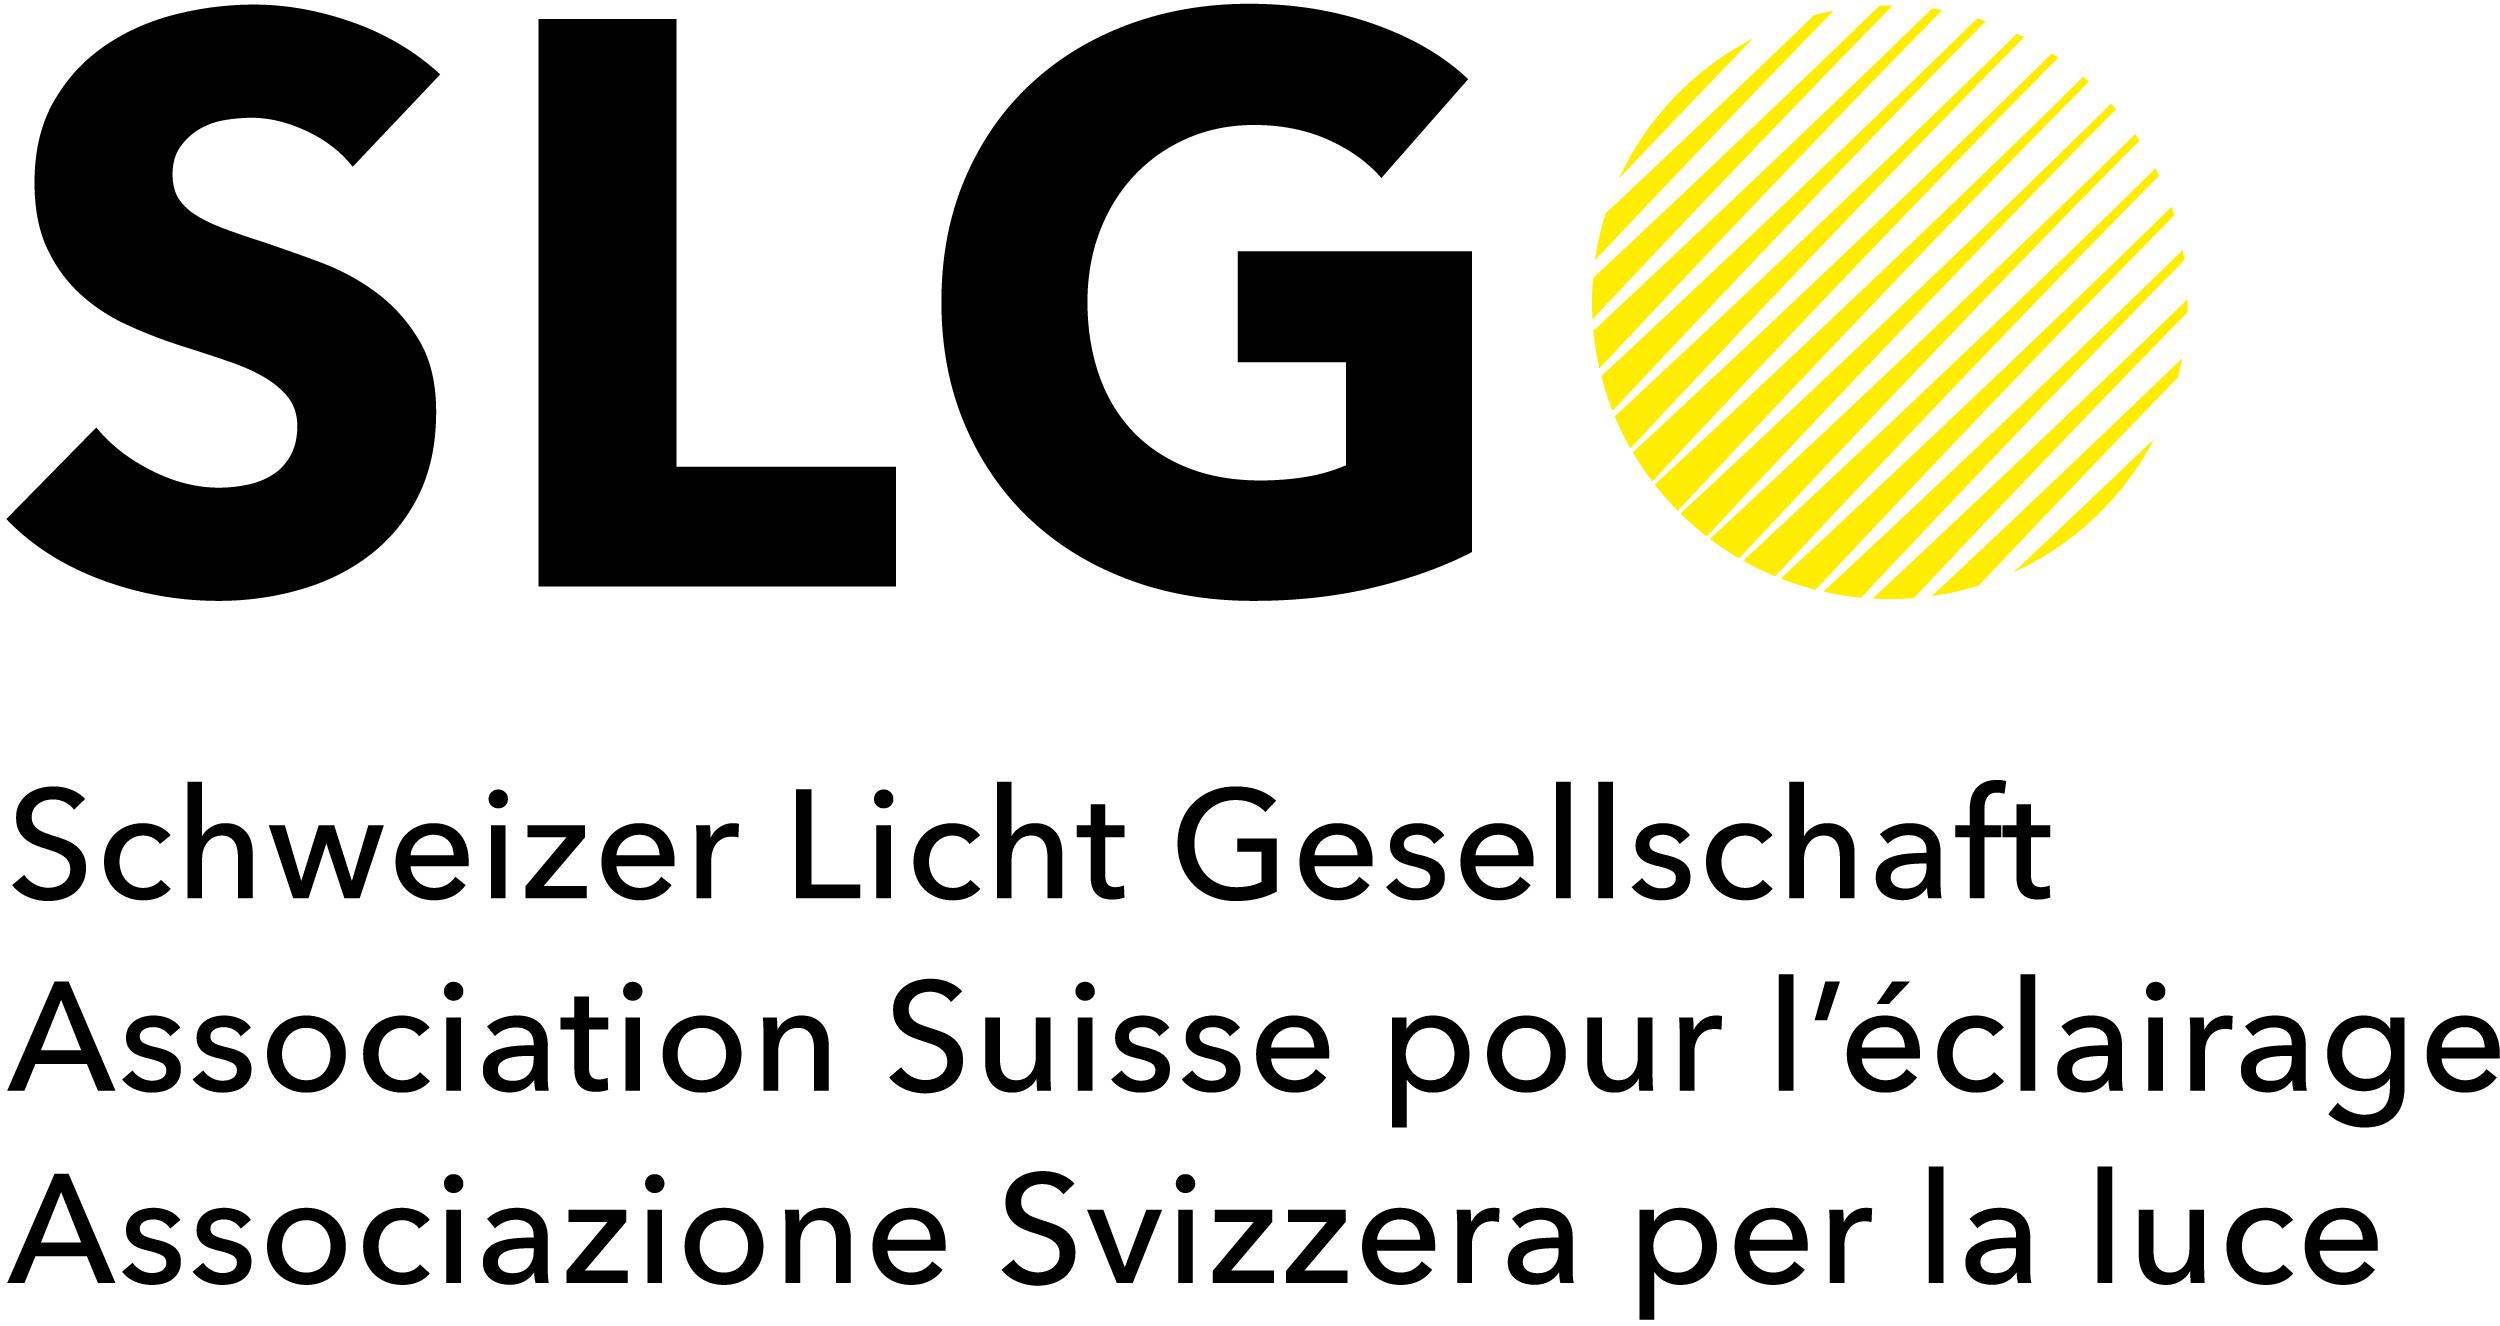 SLG - Association Suisse pour l'éclairage